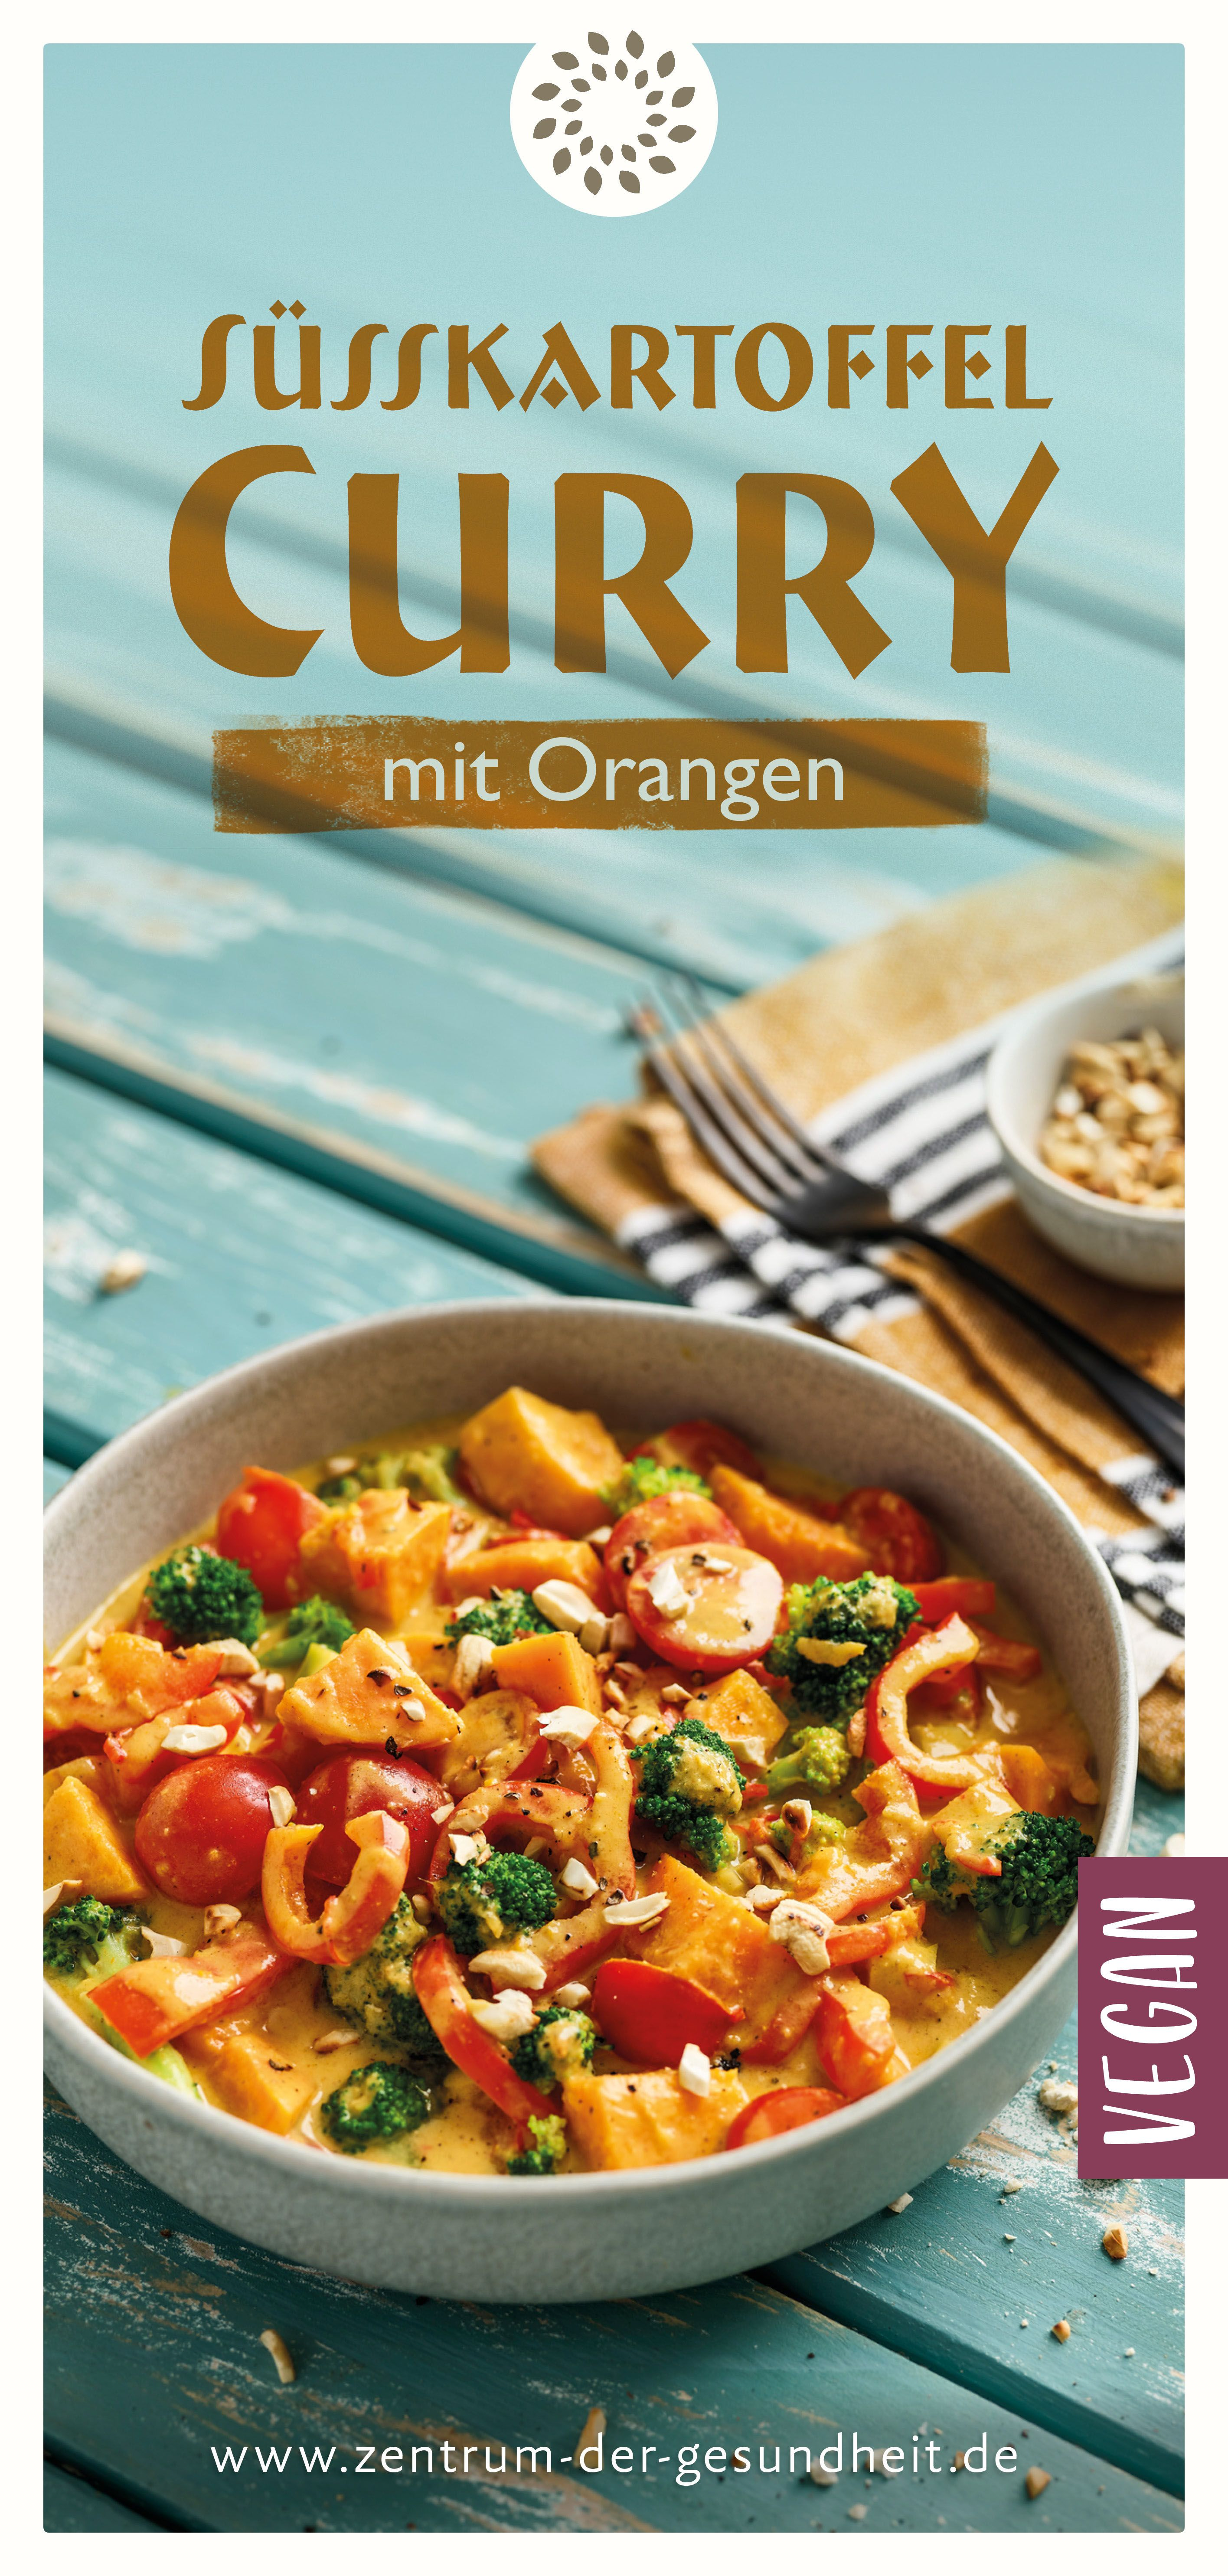 Curry mit Süsskartoffeln und Orangen